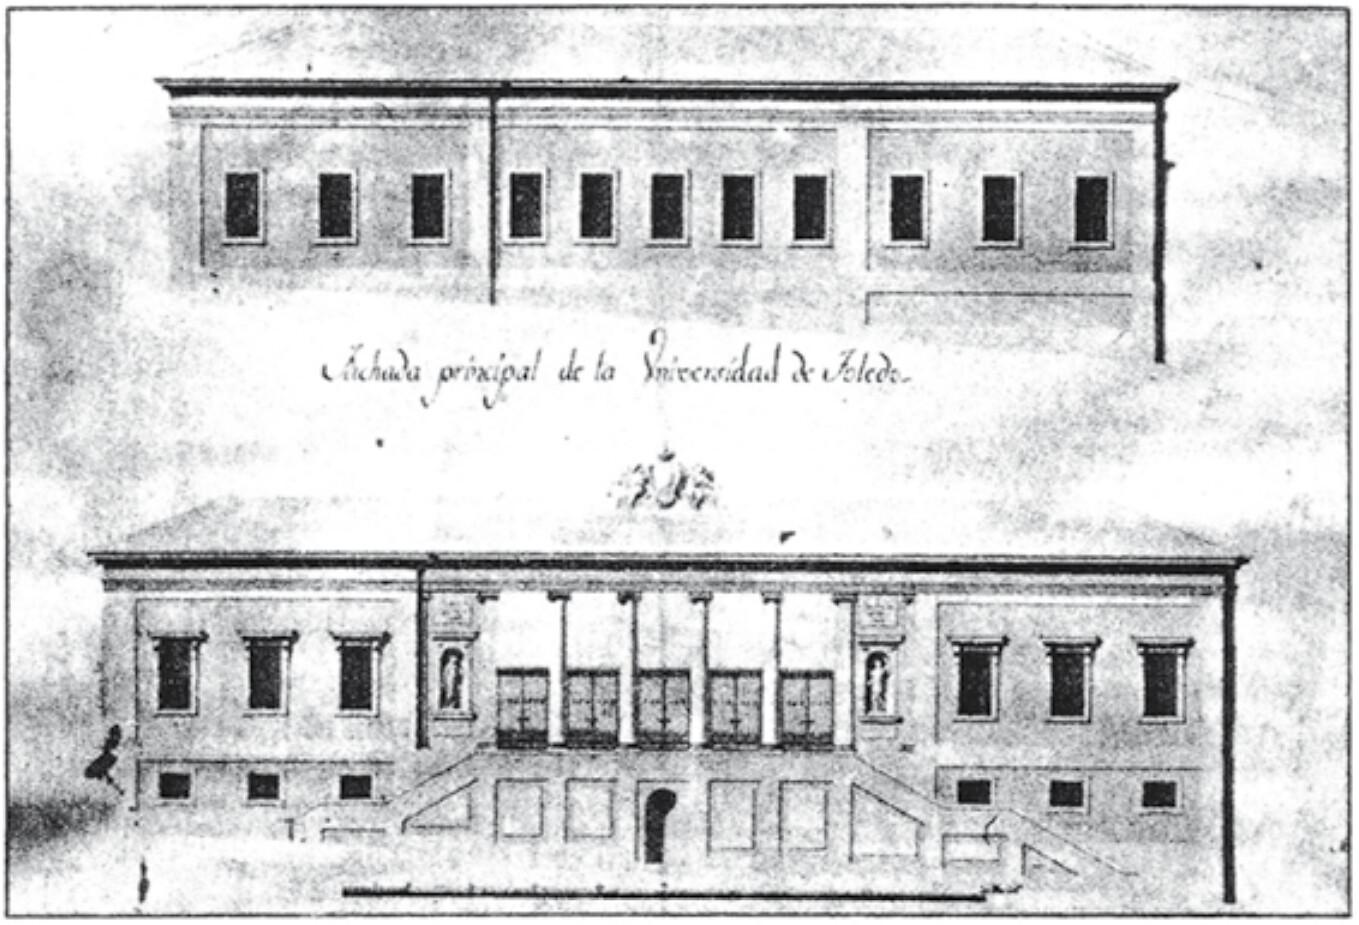 Planos de la Universidad del Cardenal Lorenzana, obra de Ignacio Haan. Archivo Diocesano de Toledo.